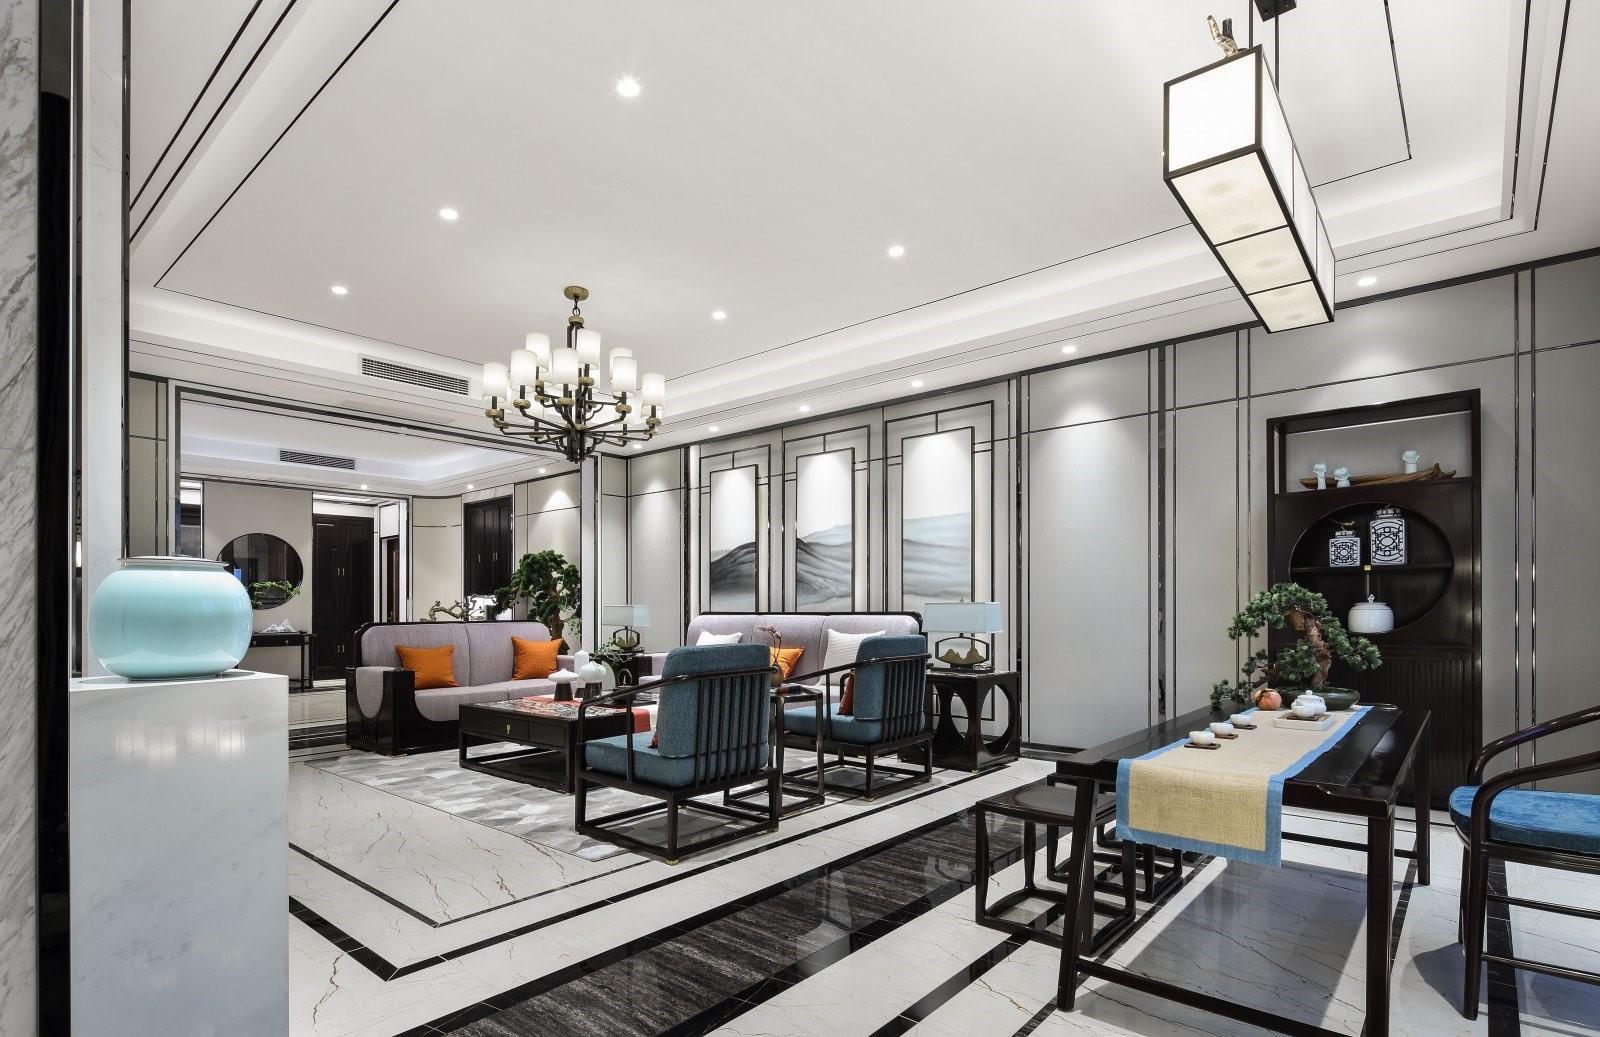 2021中式古典客厅装修设计 2021中式古典吊顶设计图片